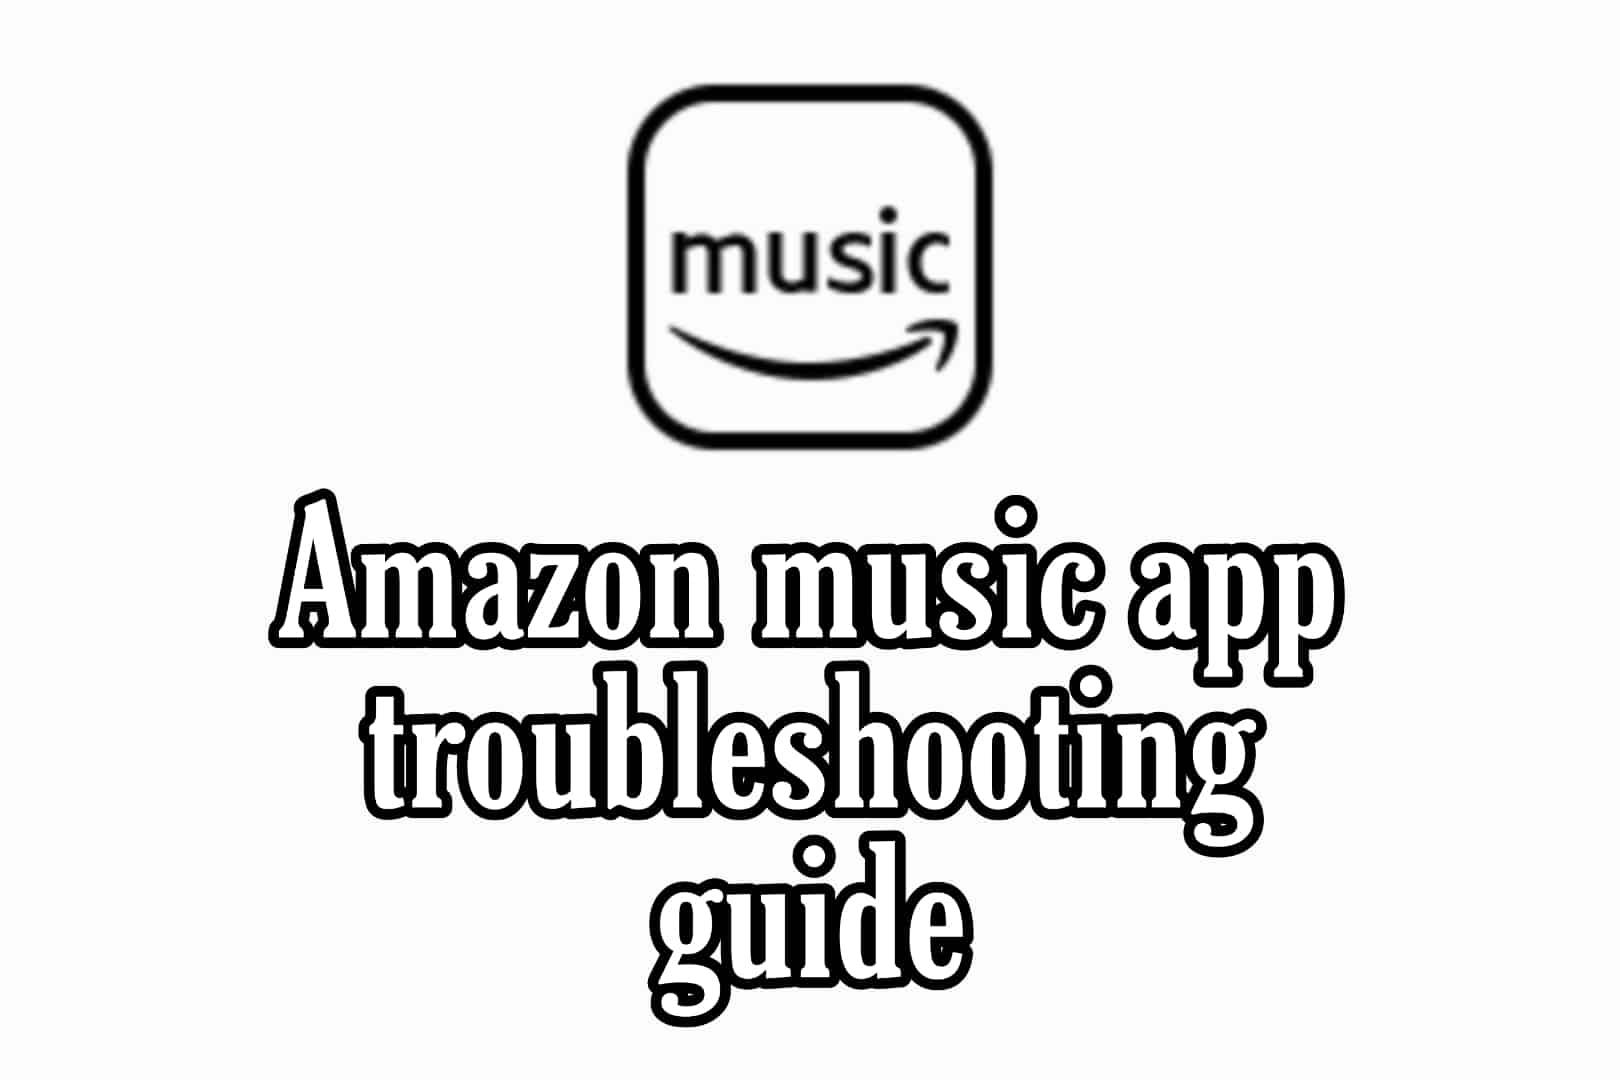 Amazon music app troubleshooting